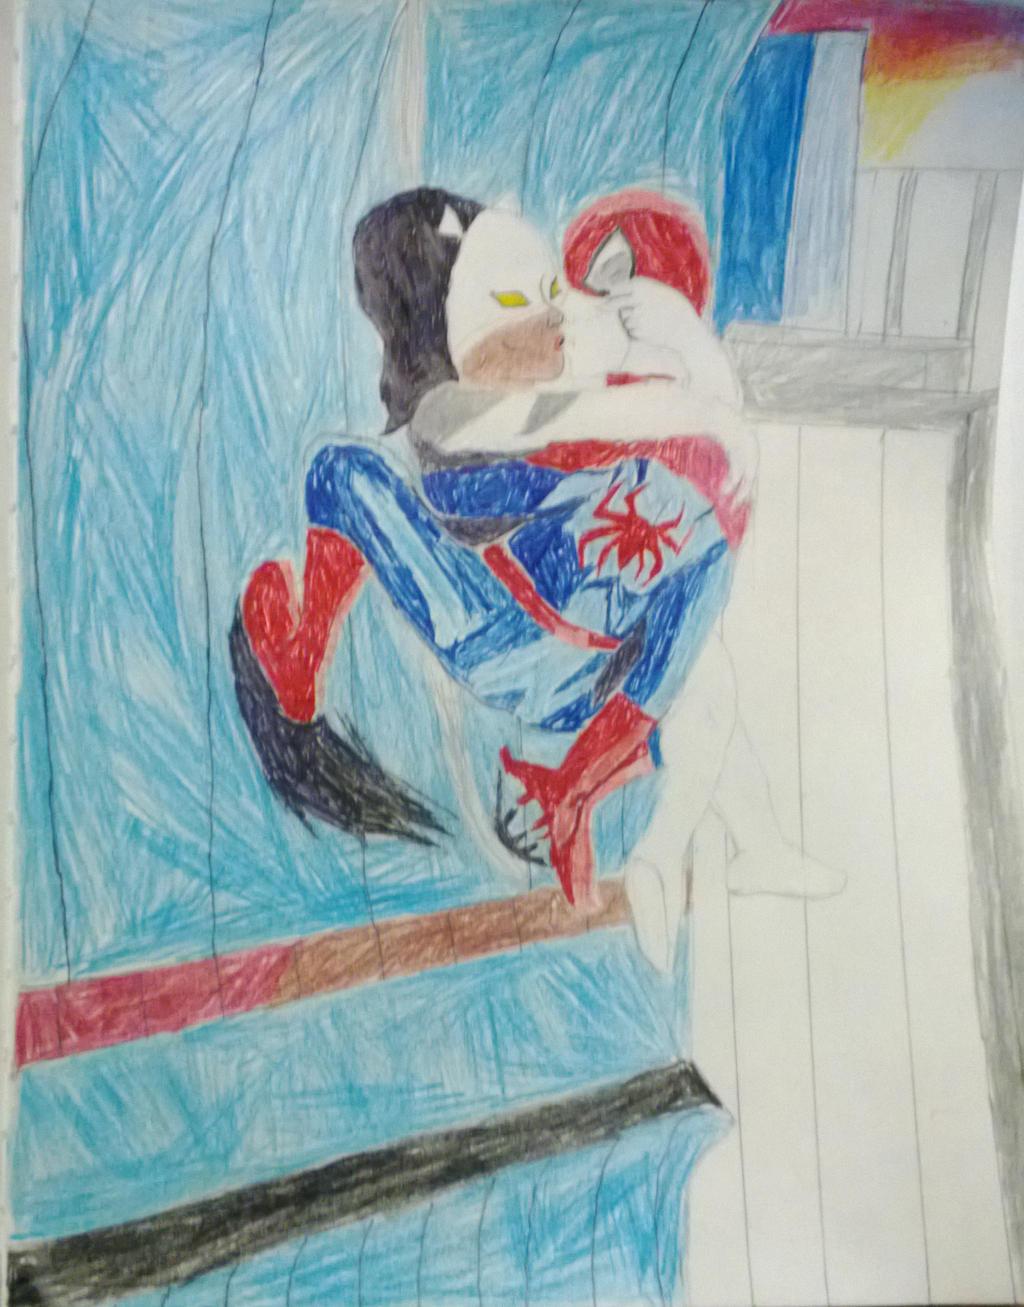 WhiteSpider Kiss by SpiderTiger14 on DeviantArt